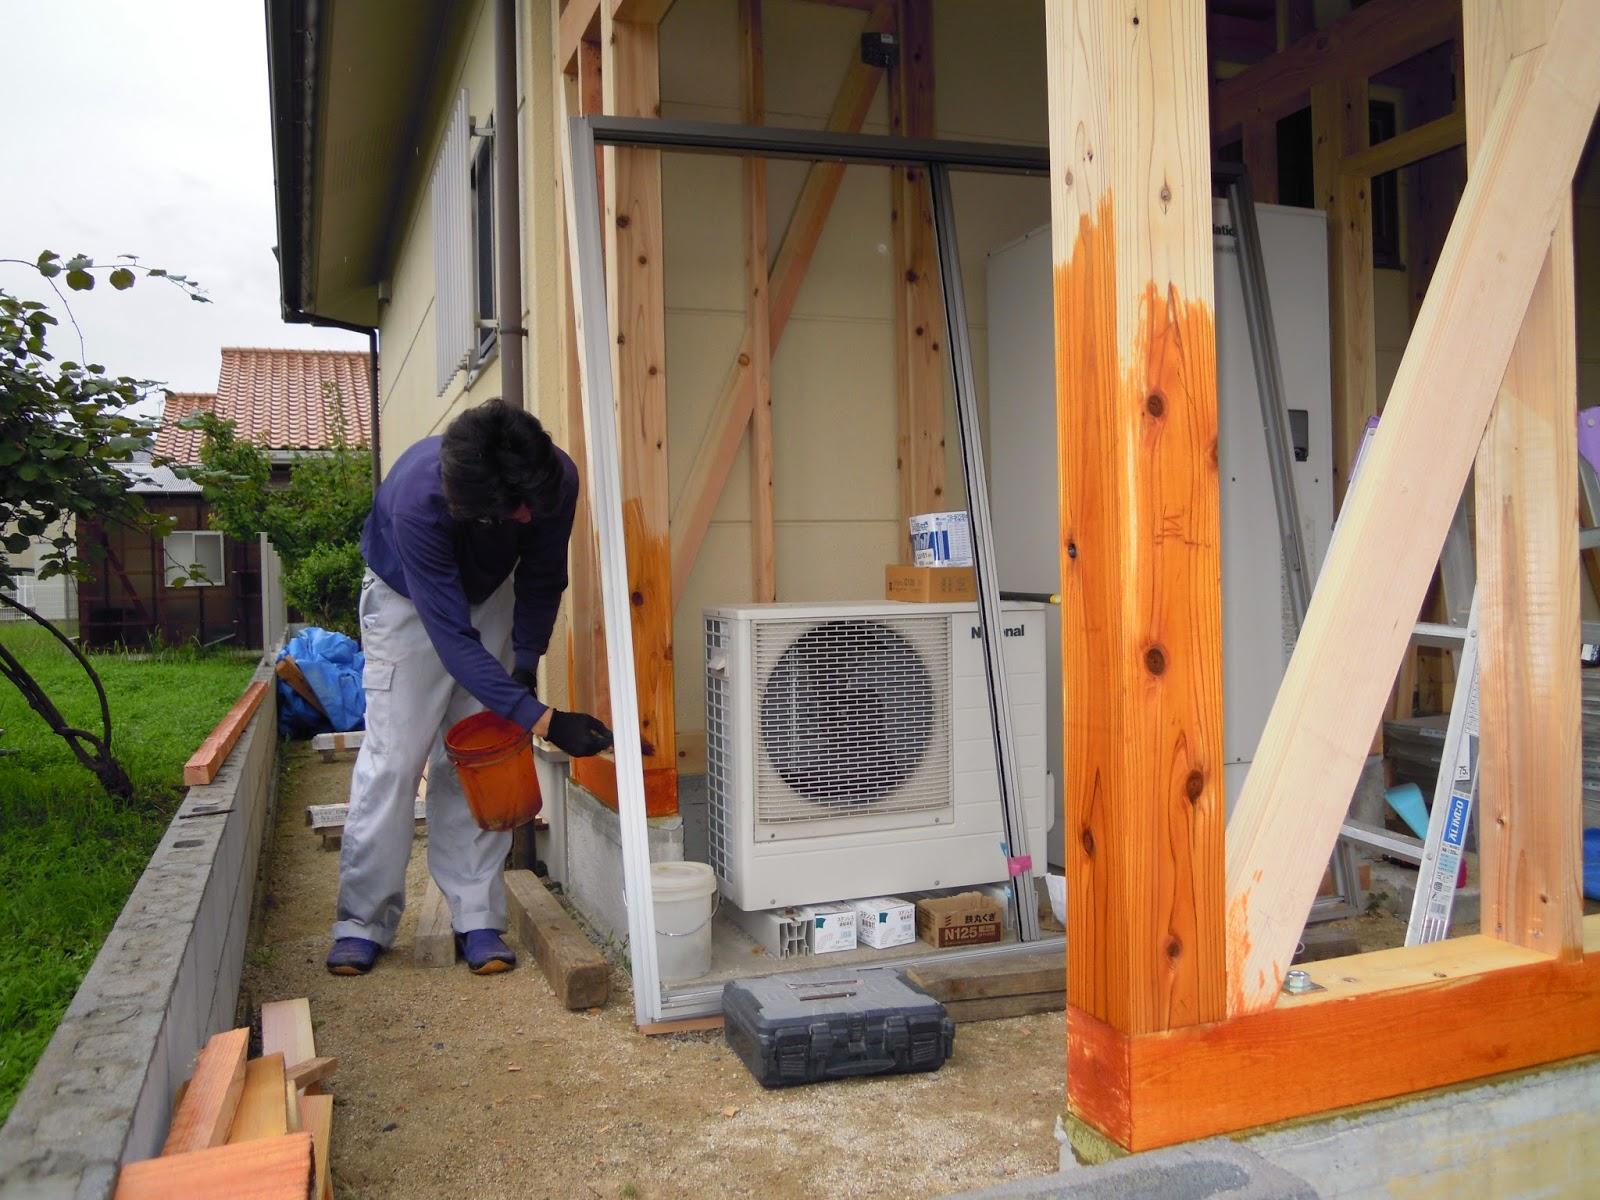 洗濯物干場 島根県 浜松建設株式会社